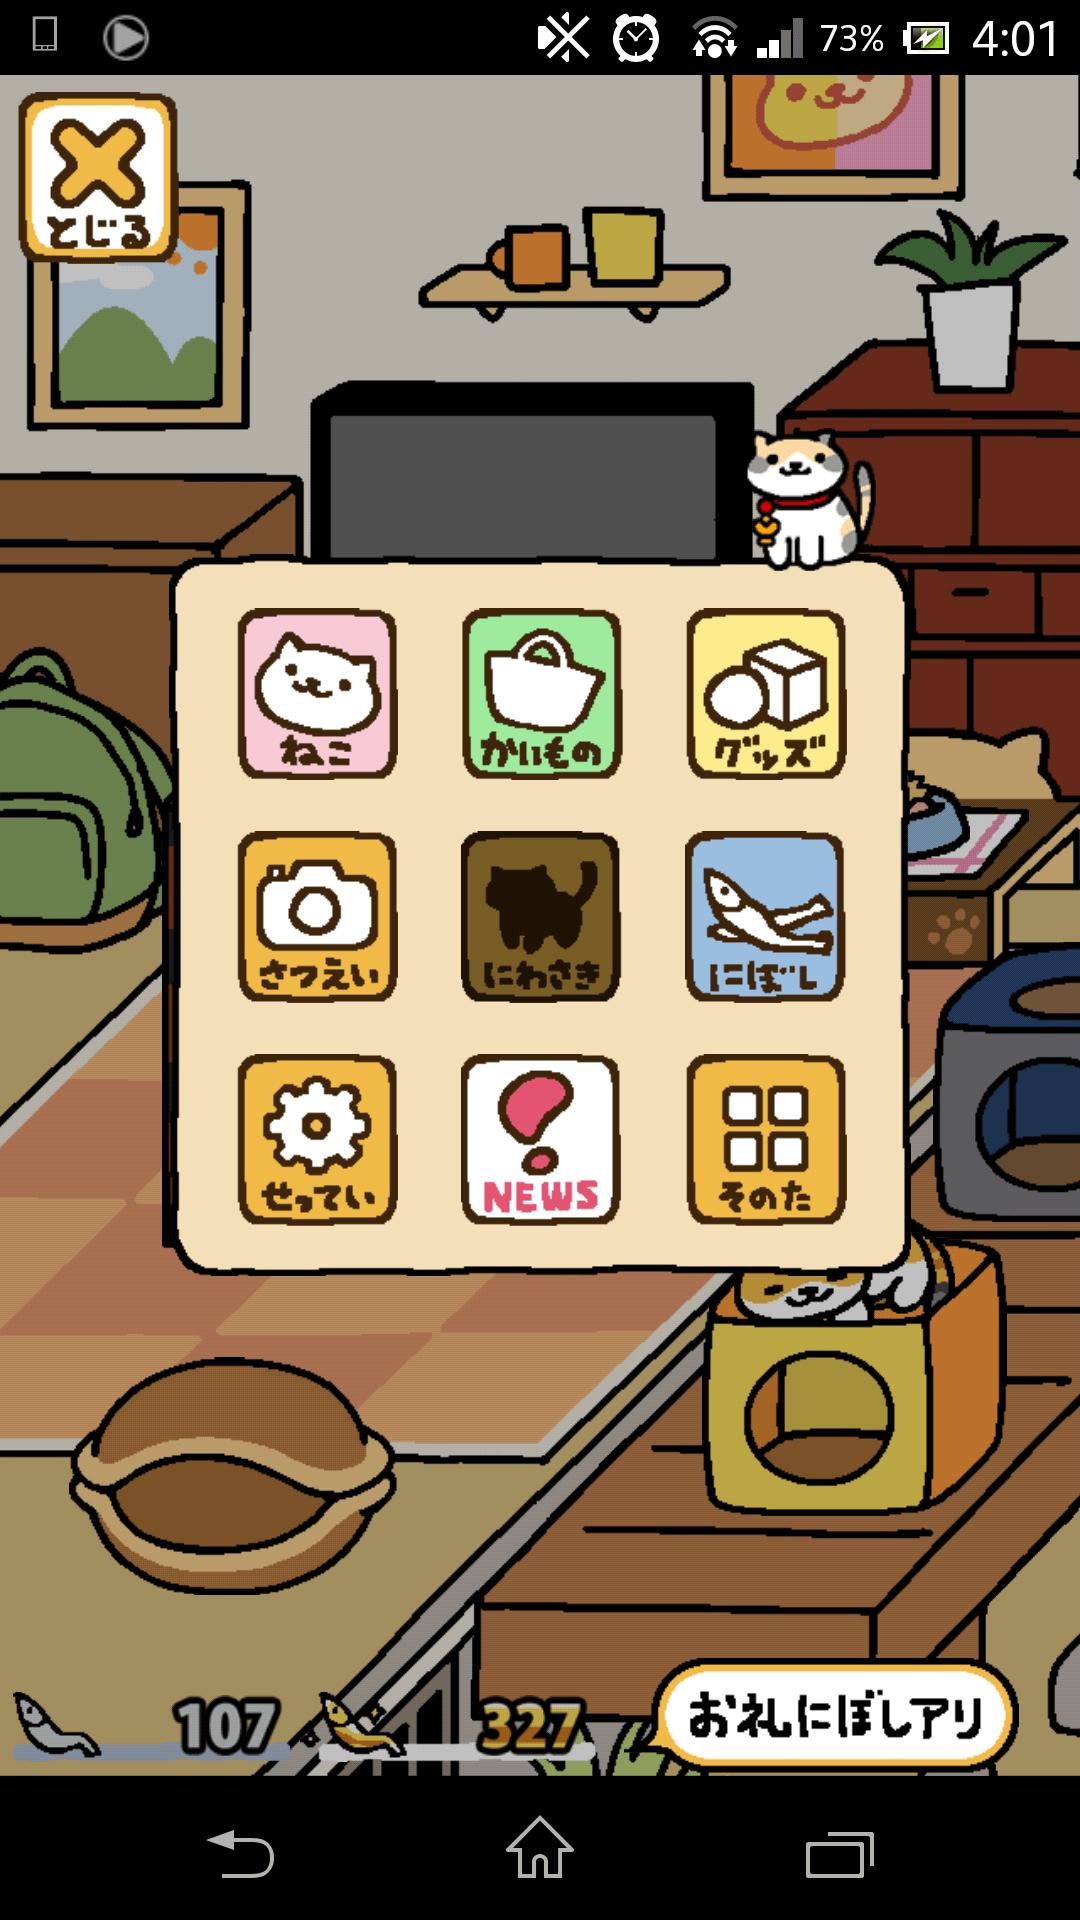 迷い猫ミイさん①.png